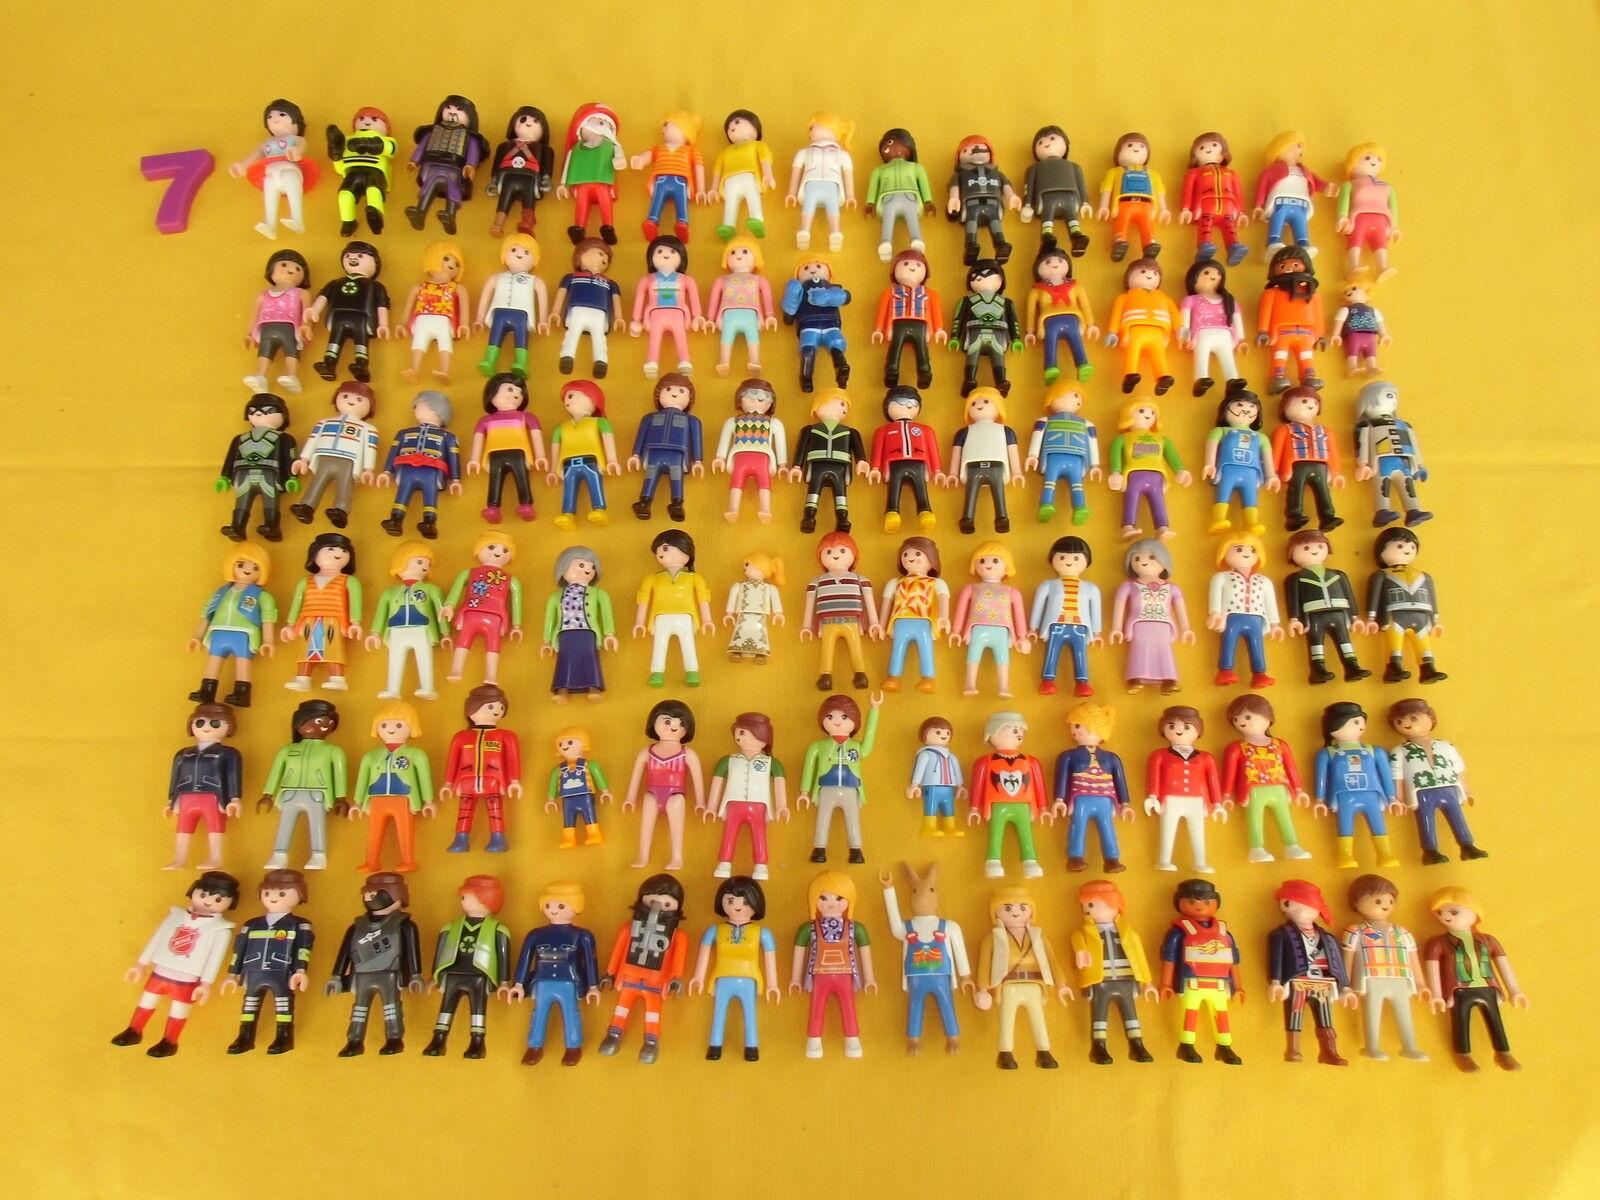 Playmobil cifraS, 90 cifraS VARIADAS, NOVEDAD, SIN  USAR, LOTE 7  vendita all'ingrosso